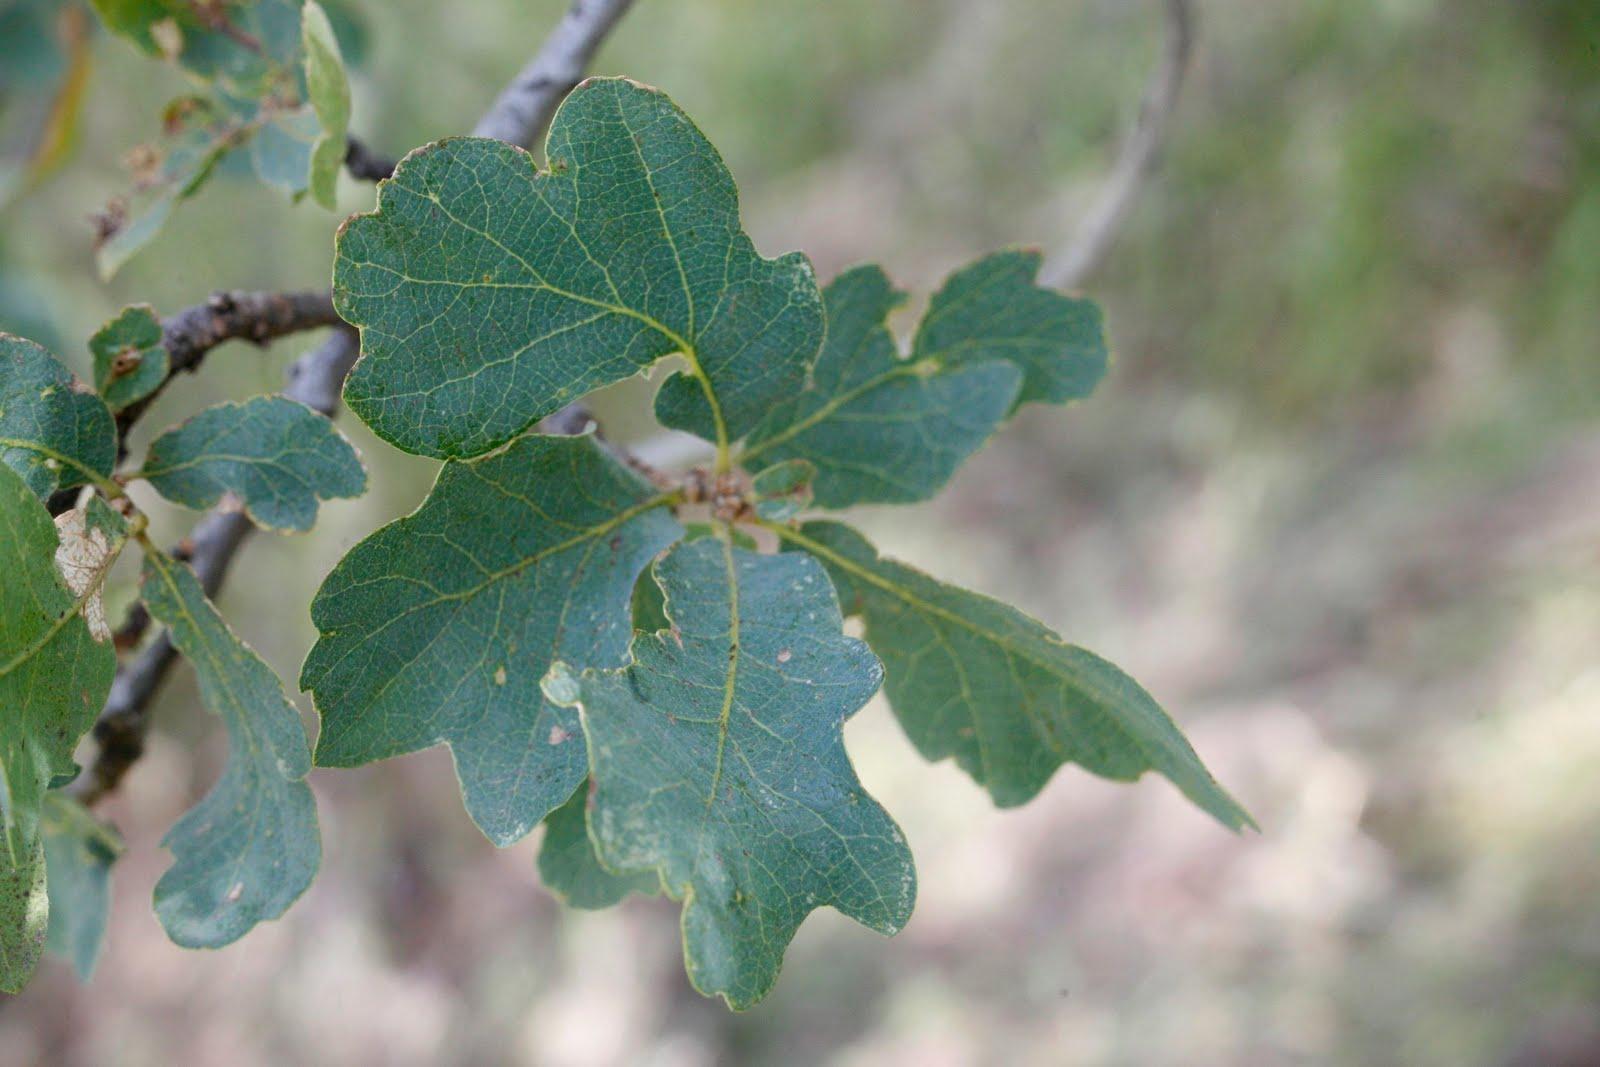 Oak tree leaf identification imgkid the image